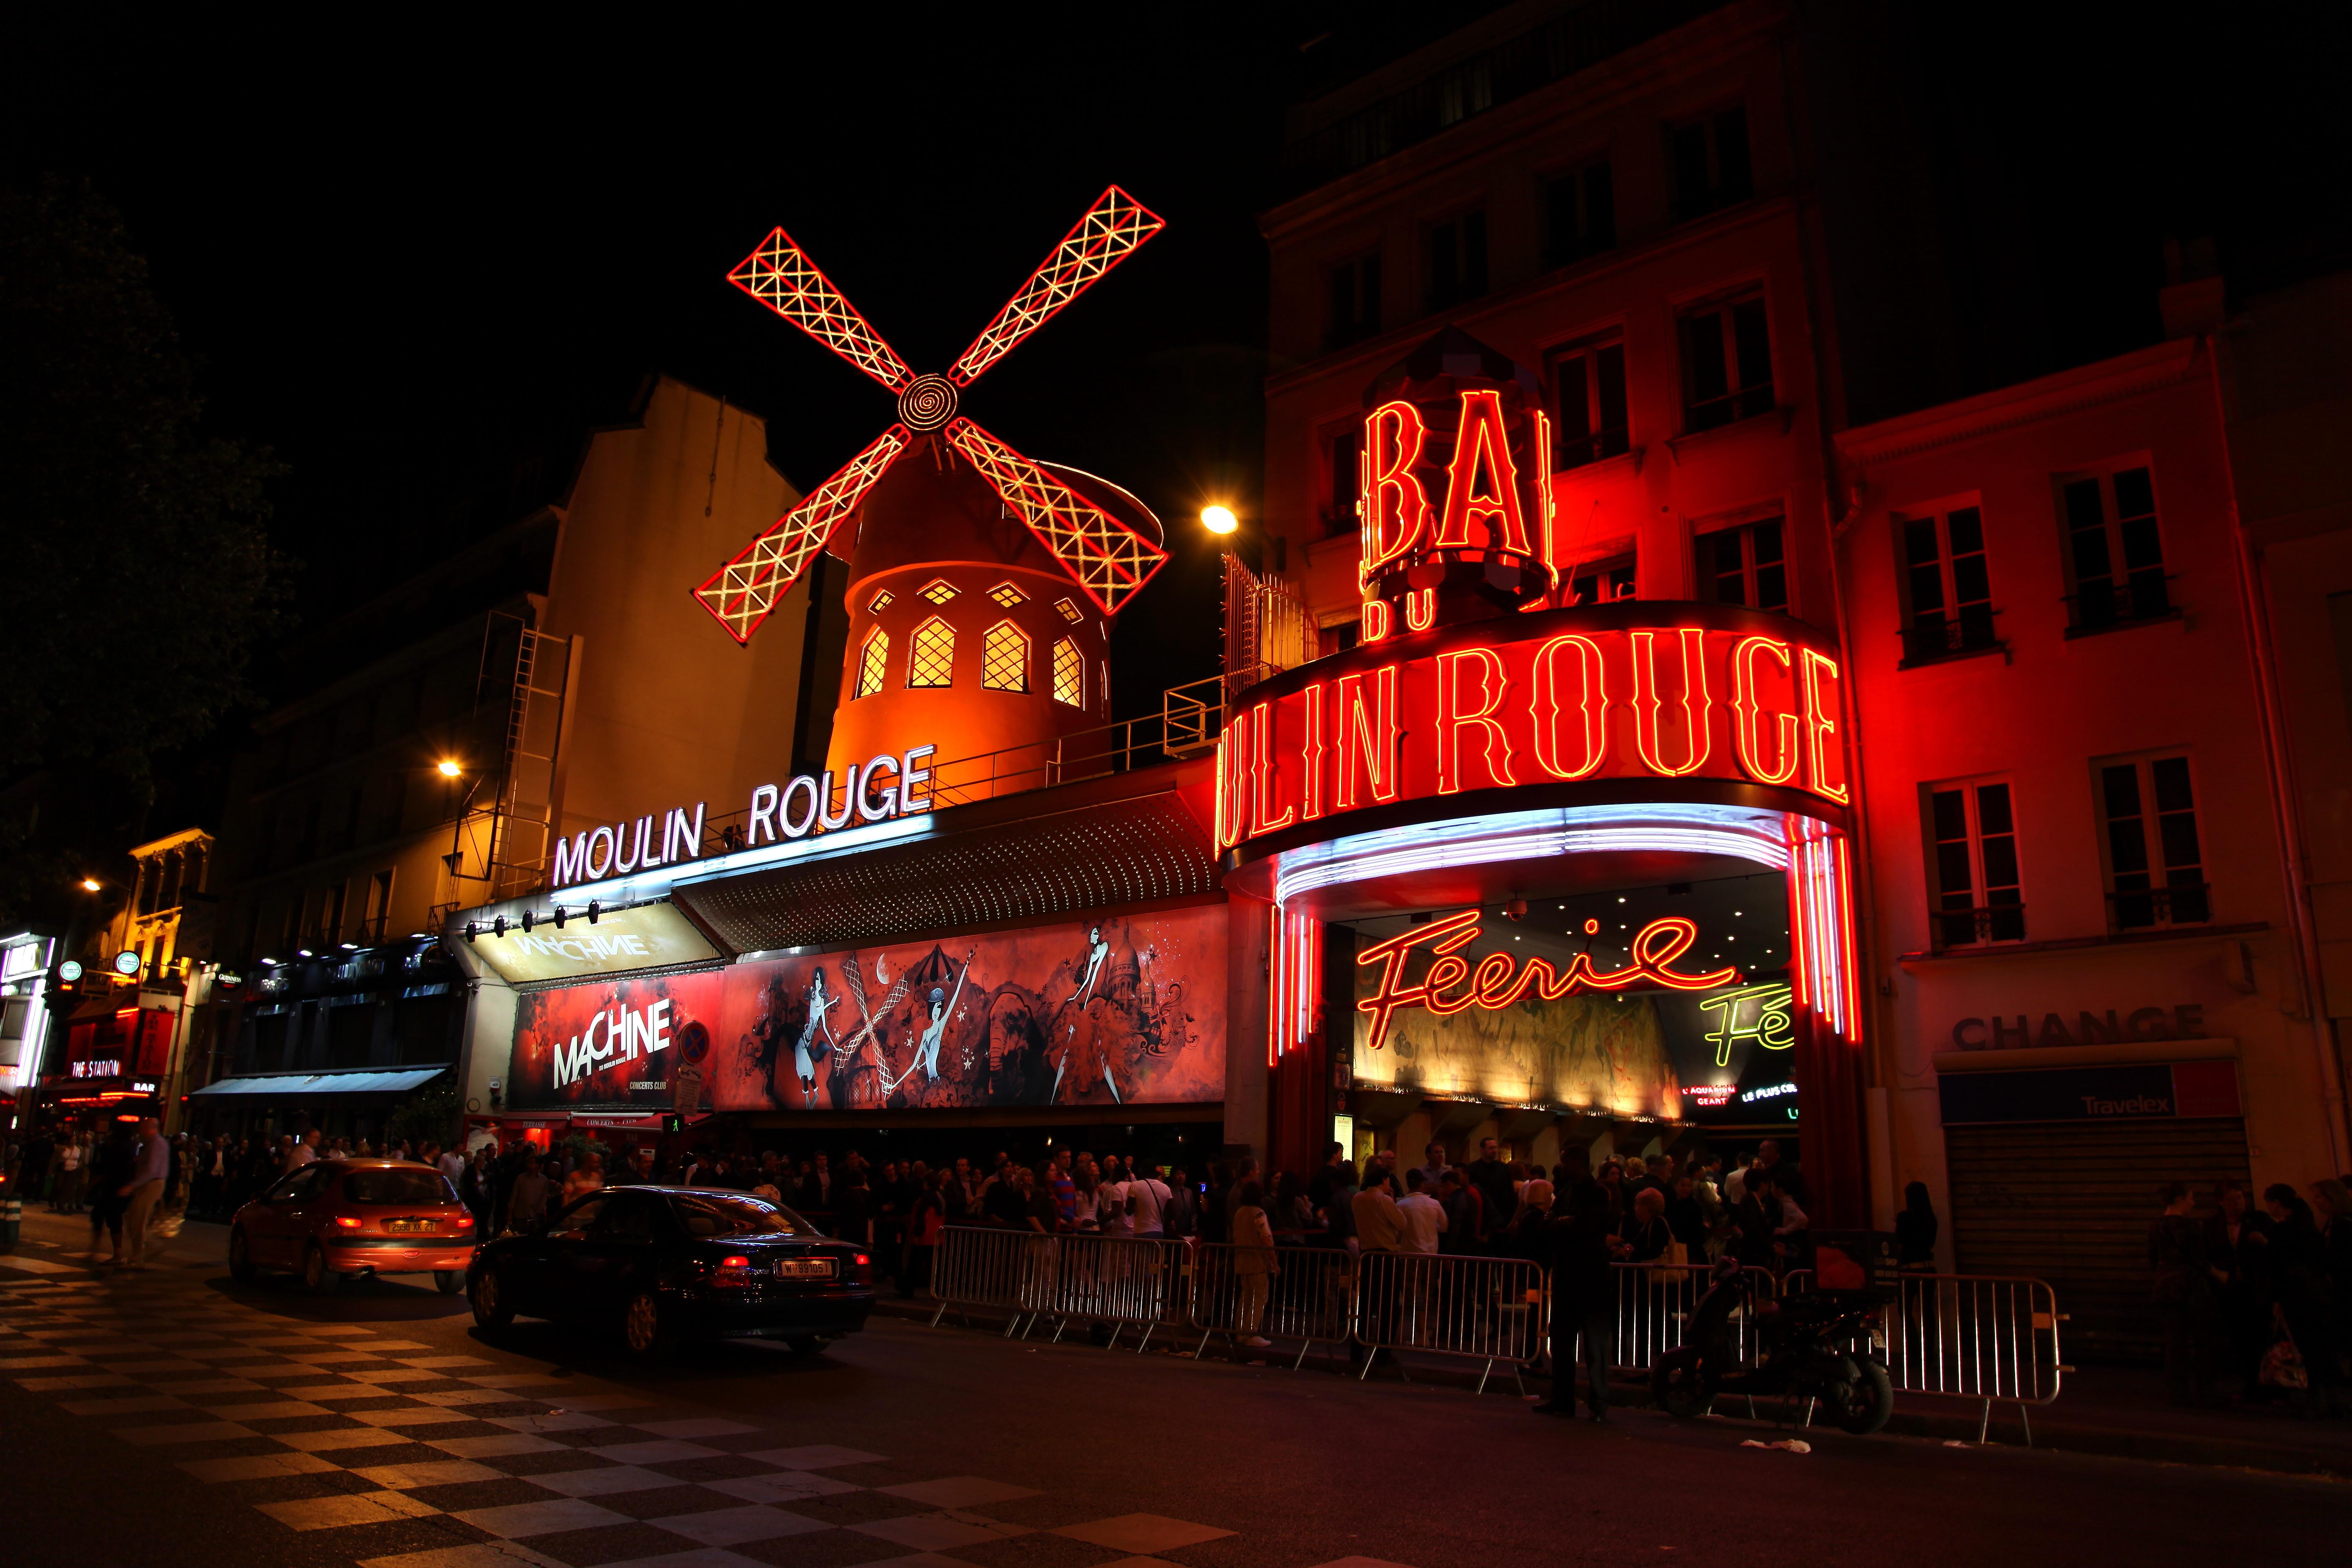 moulin_rouge_paris_april_2011